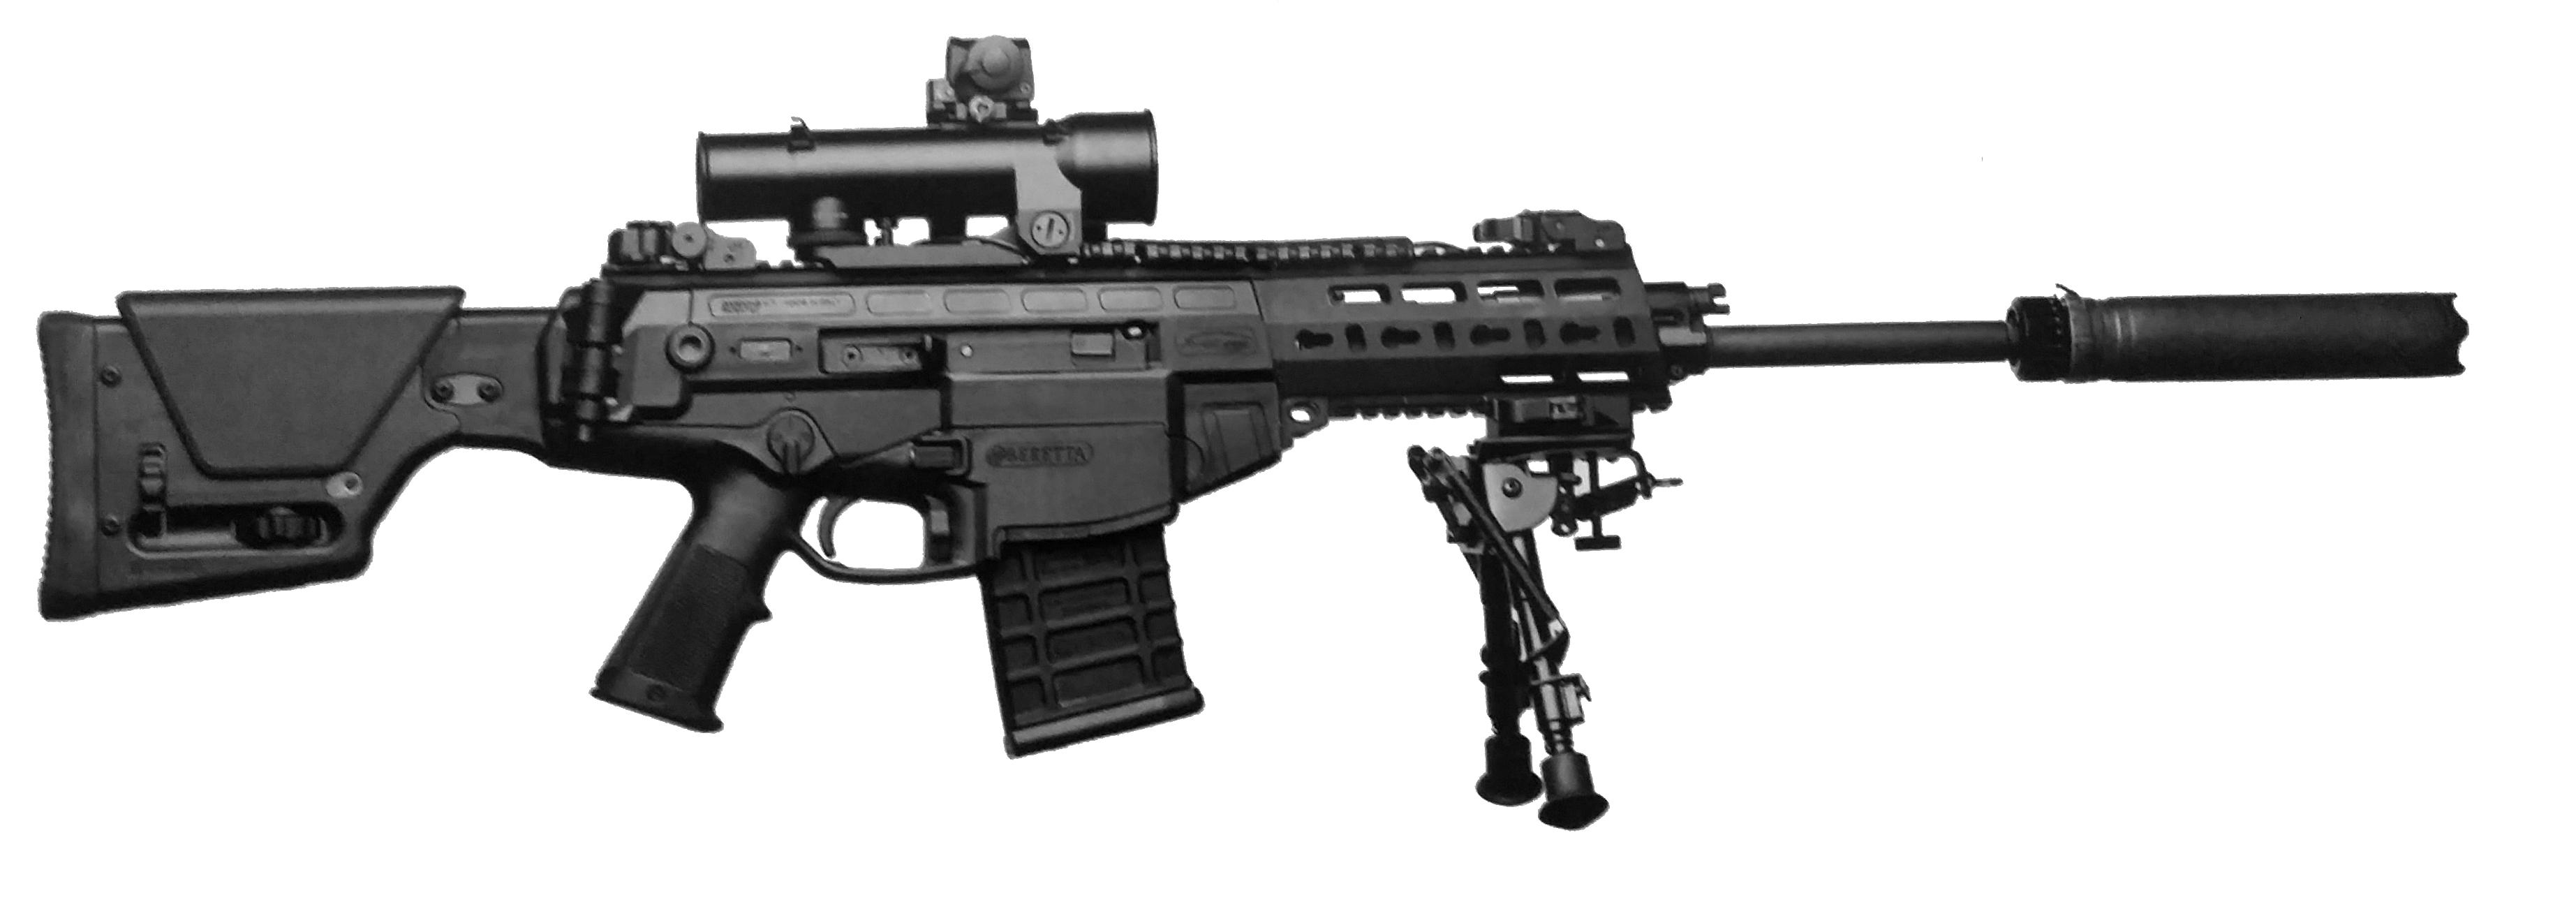 Noticias de la Dirección General de Fabricaciones Militares-DGFM- - Página 23 BerettaARX200_Promotional_Clean